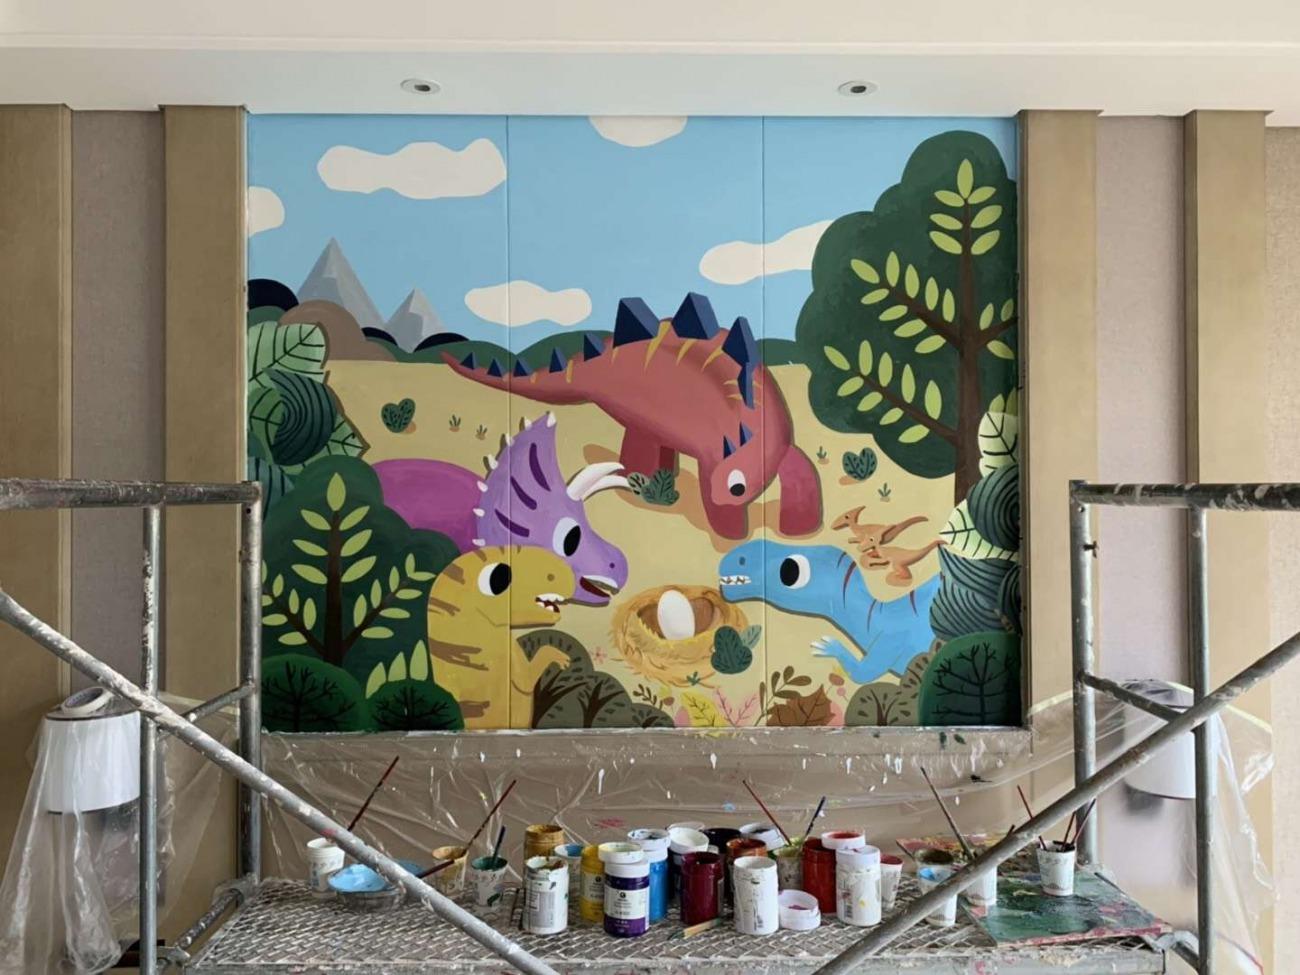 新余幼儿园彩绘墙面,新余幼儿园涂鸦墙,新余墙体画画,新余绘画公司